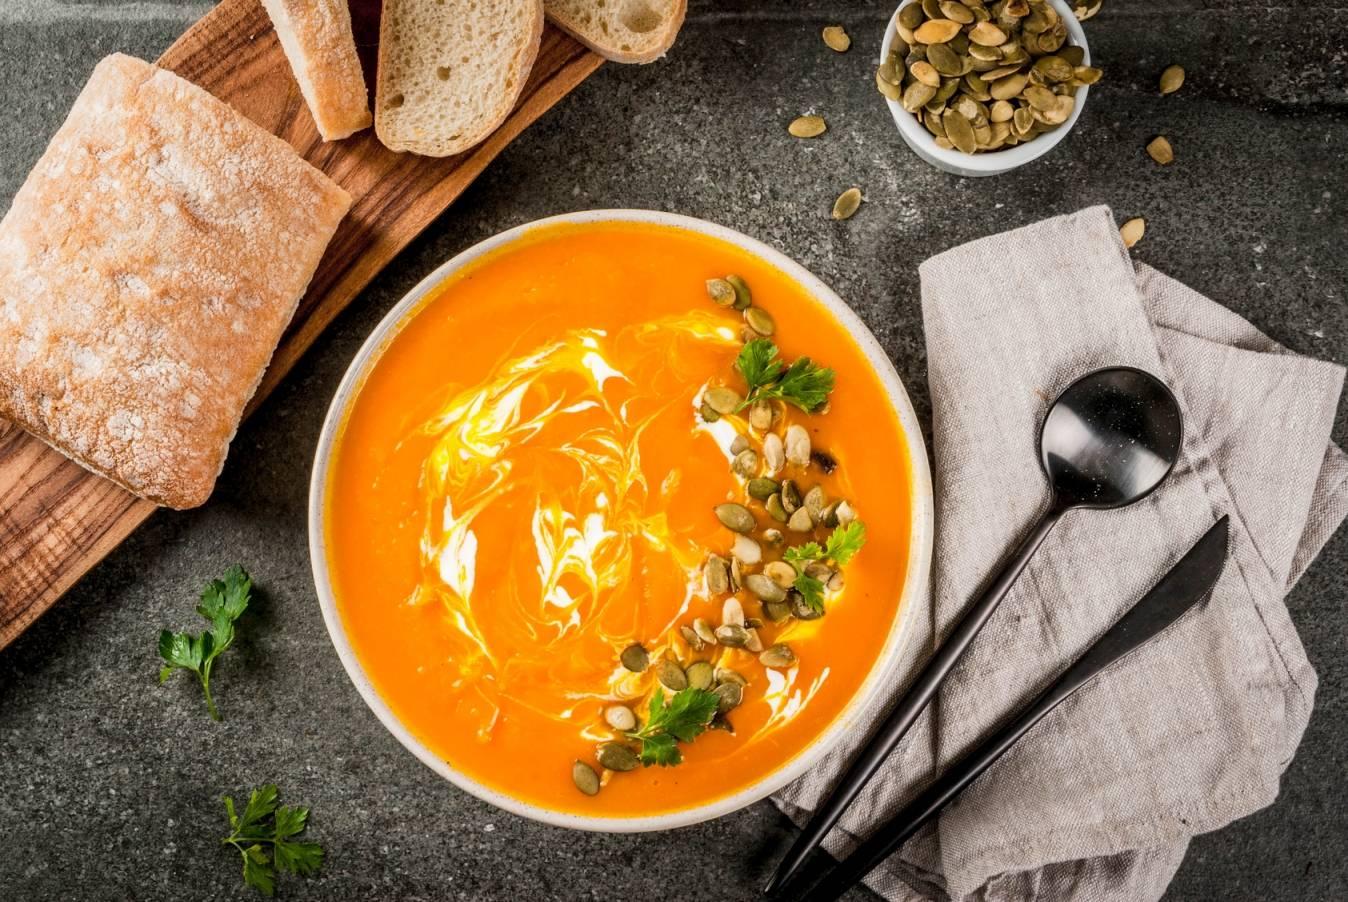 Dieta na przeziębienie wg medycyny chińskiej - co jeść , gdy dopadnie nas atak zimnego wiatru? Ujęcie z góry na miskę zupy dyniowej ze śmietaną, leżącą na szarym blacie, obok leżą deska z chlebem, ścierka i szczućce.